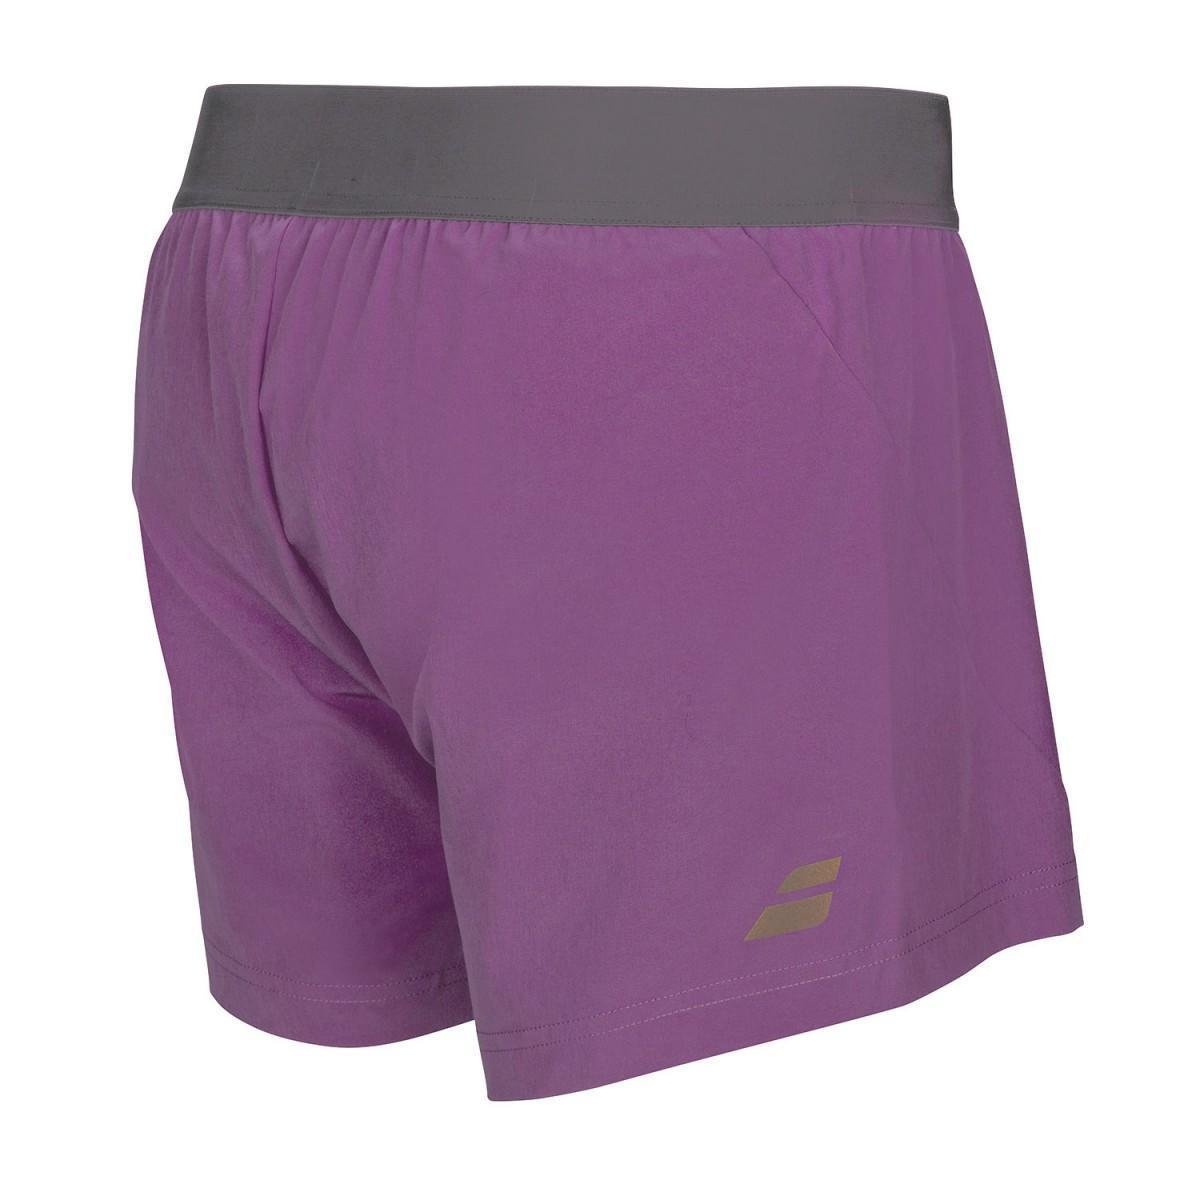 Теннисные шорты женские Babolat Performance Short Women purple